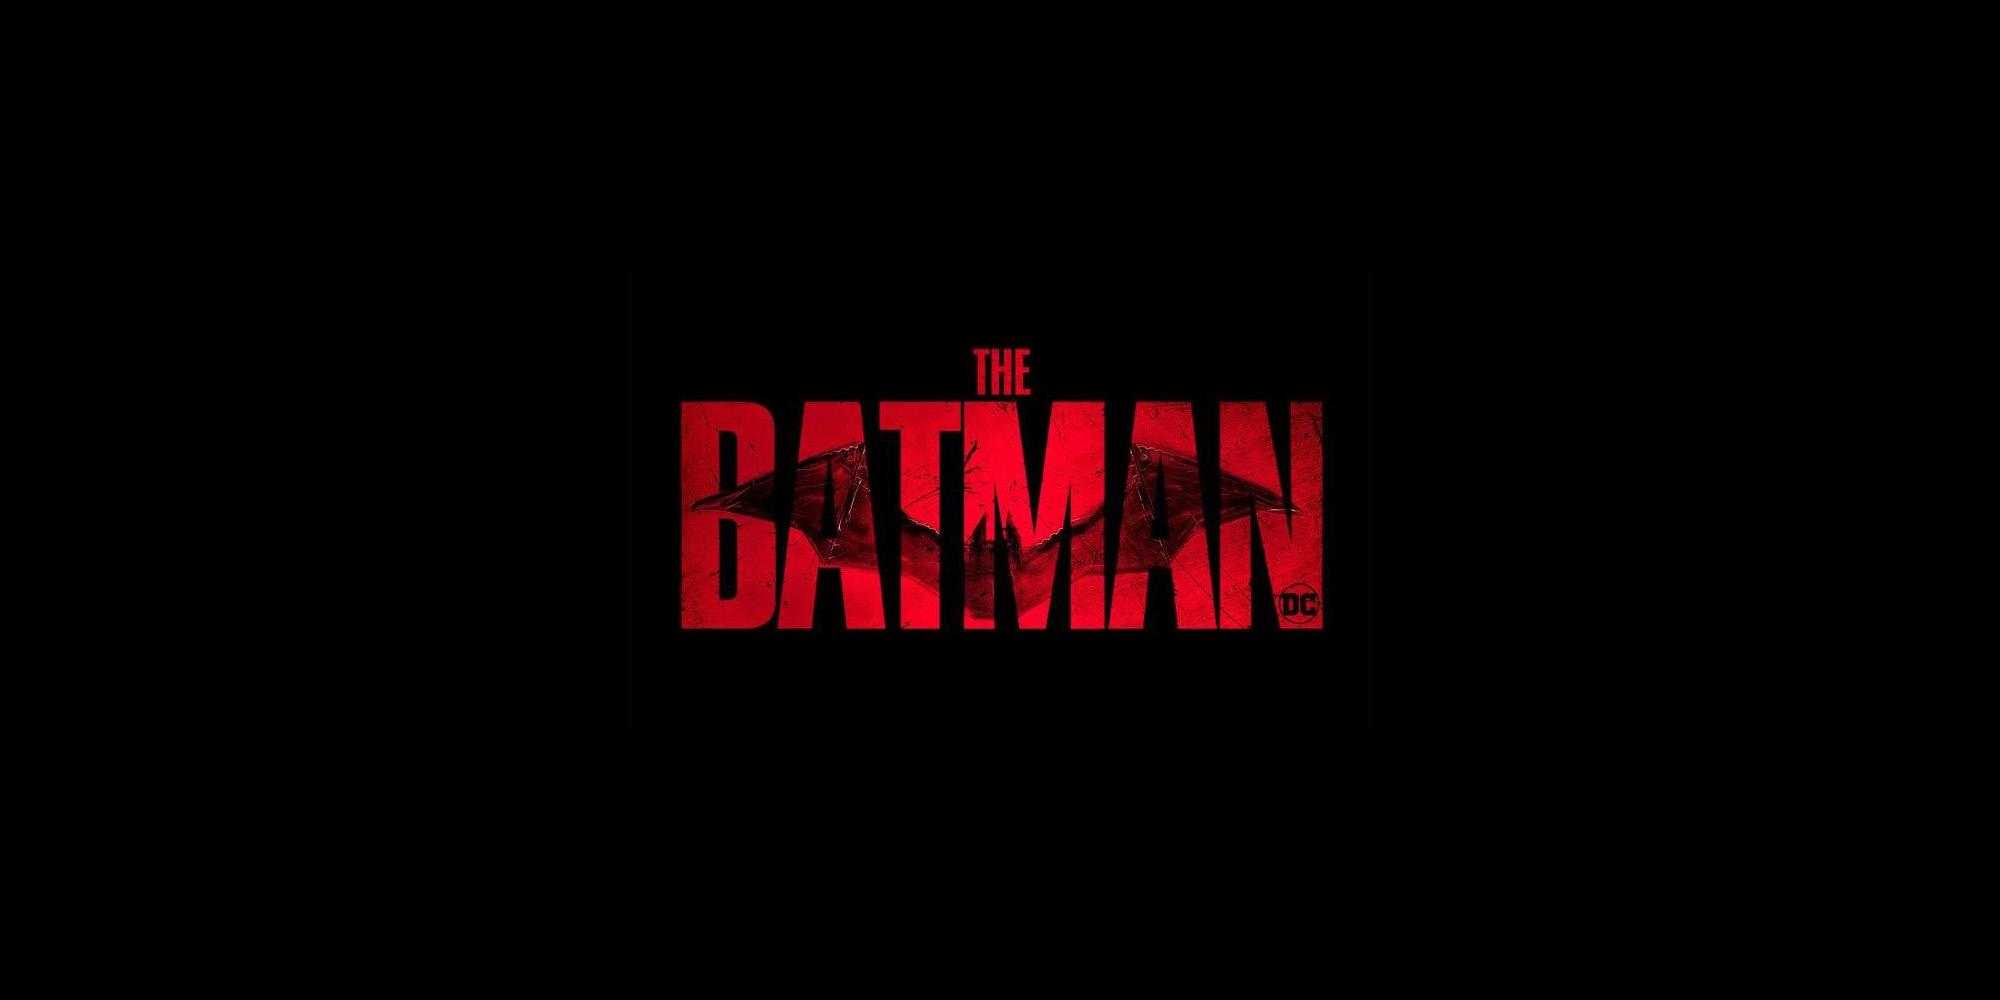 ساخت دومین اسپینآف The Batman در دستور کار قرار گرفته است